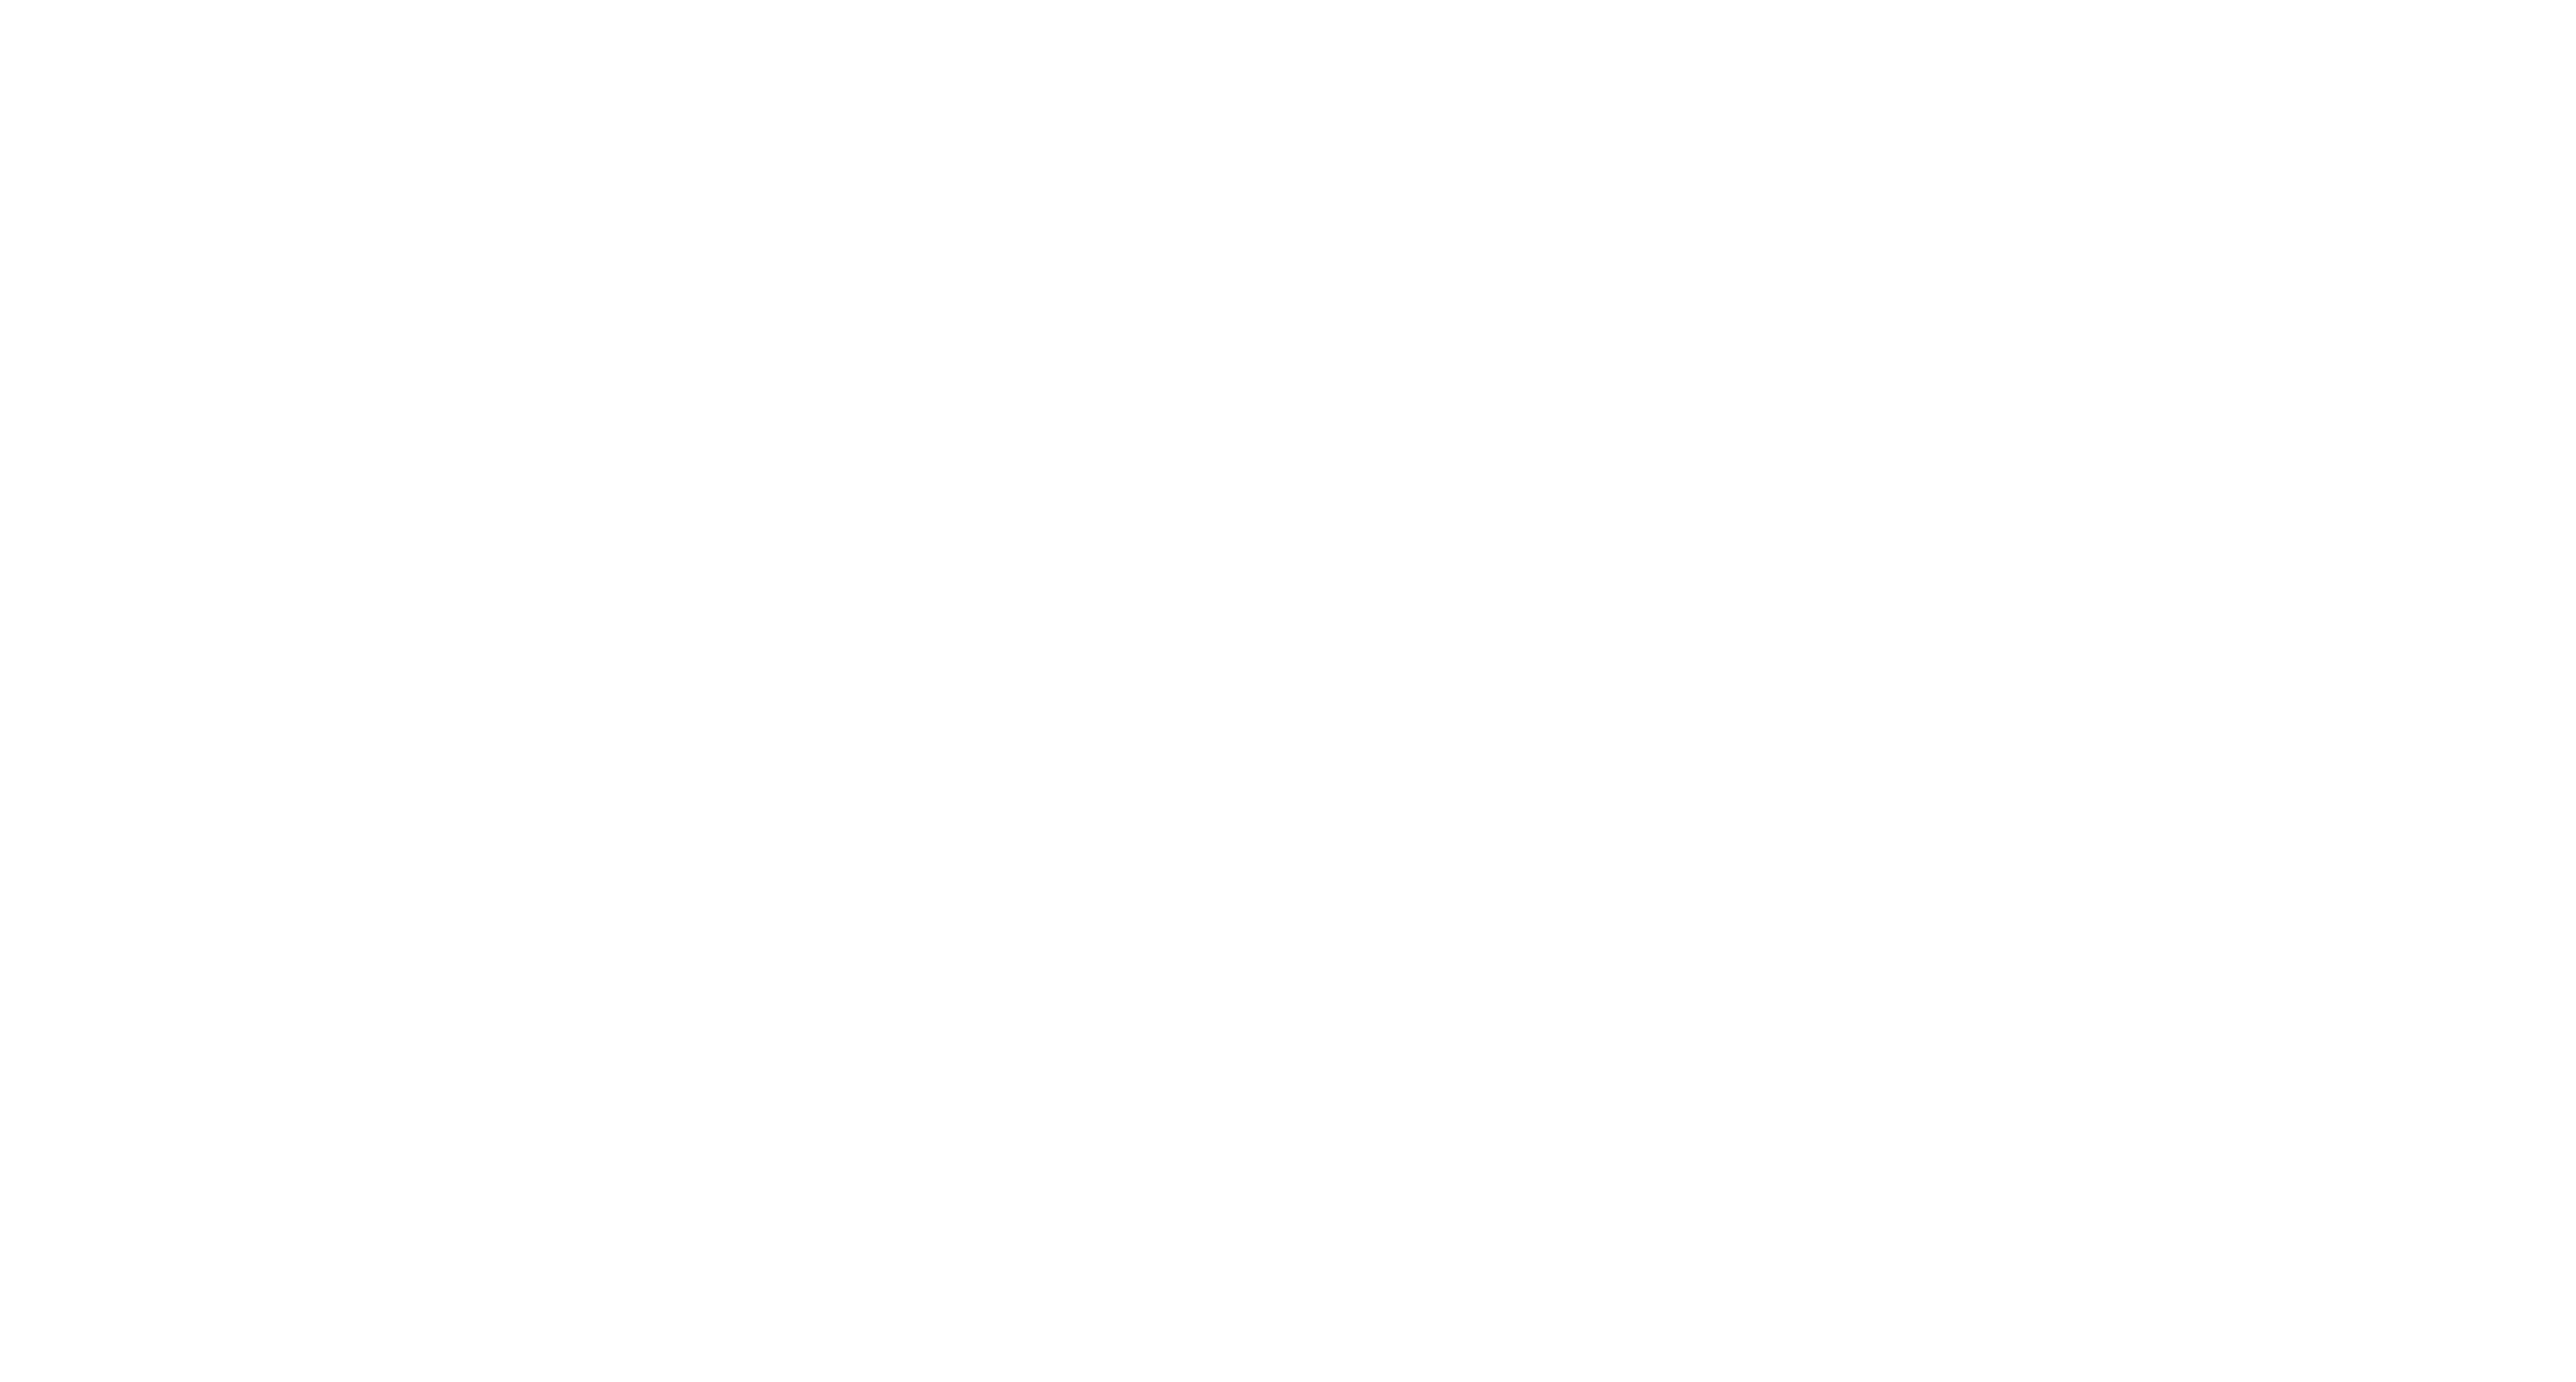 Logo Appartements Klausner transparent in weiß